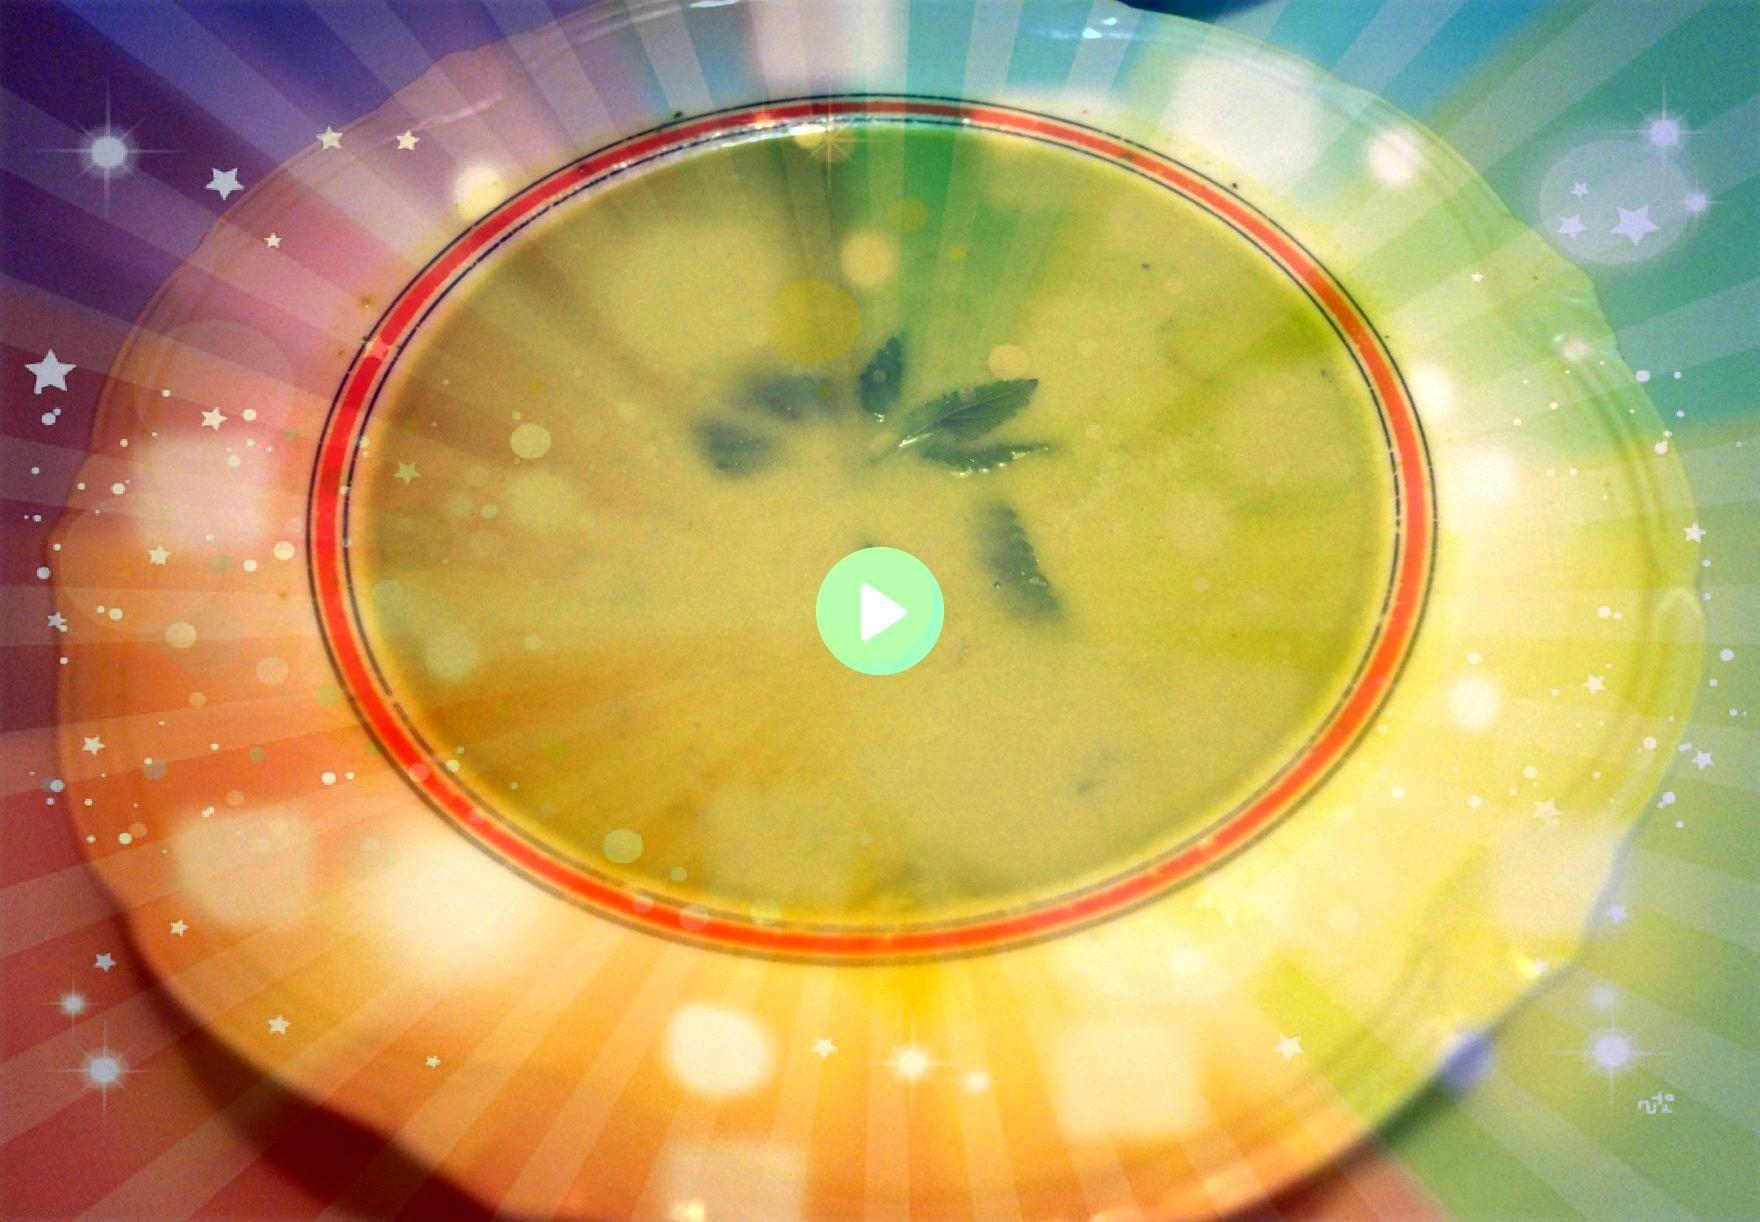 grøntsagssuppe Blendet grøntsagssuppeBlendetgrøntsagssuppe Blendet suppe er en god måde at få masser af sunde vitaminer på Suppen e...